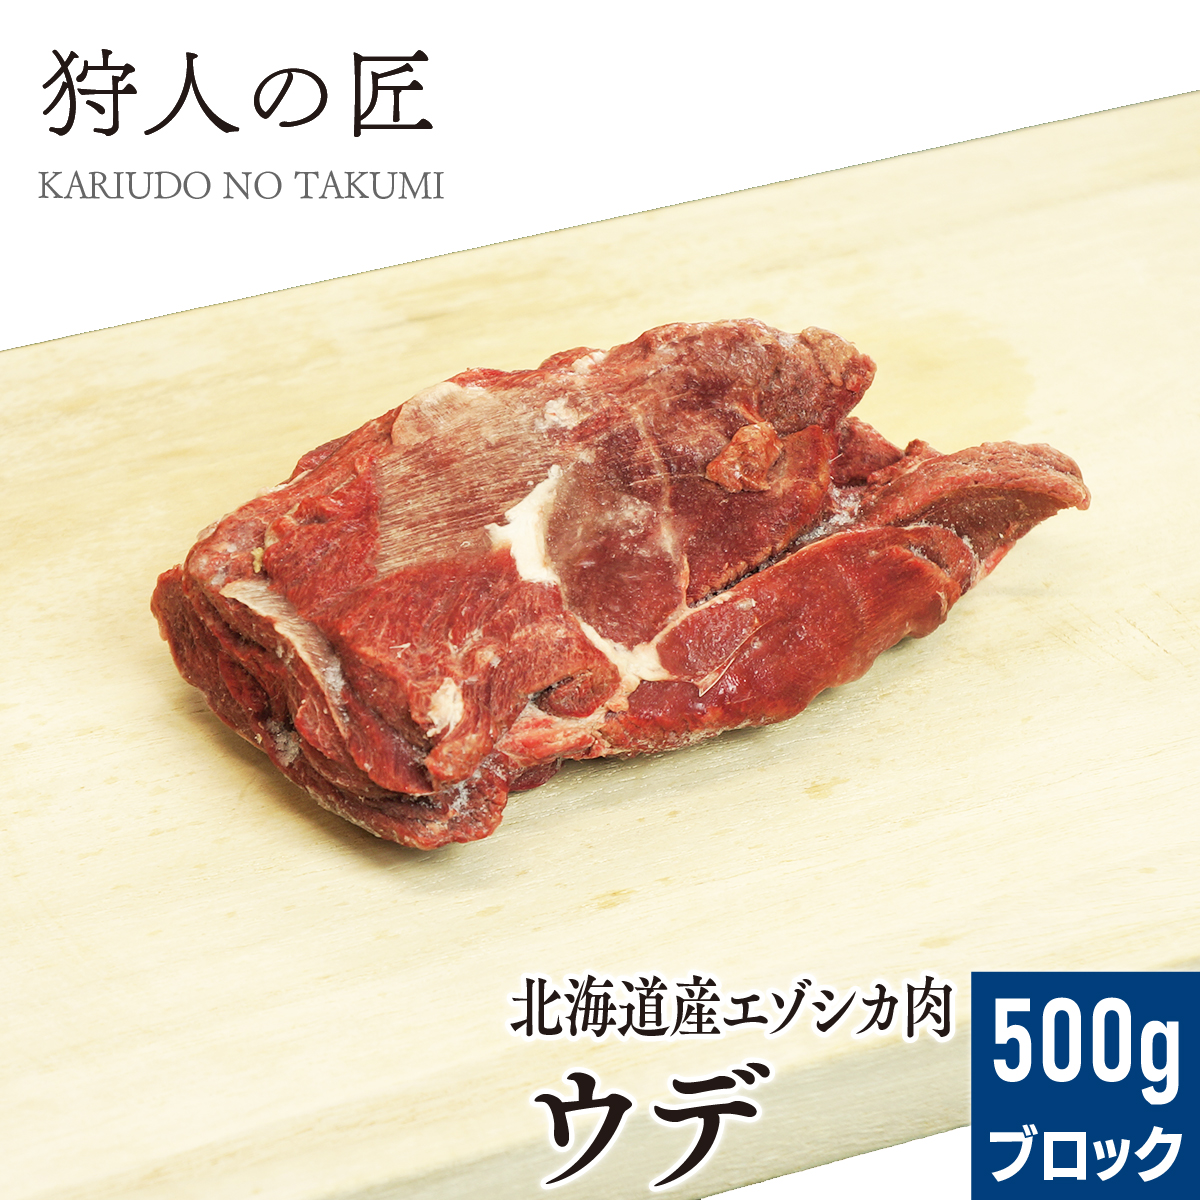 【北海道稚内産】エゾ鹿肉 ウデ肉 500g (ブロック)【無添加】【エゾシカ肉/蝦夷鹿肉/えぞしか肉/ジビエ】